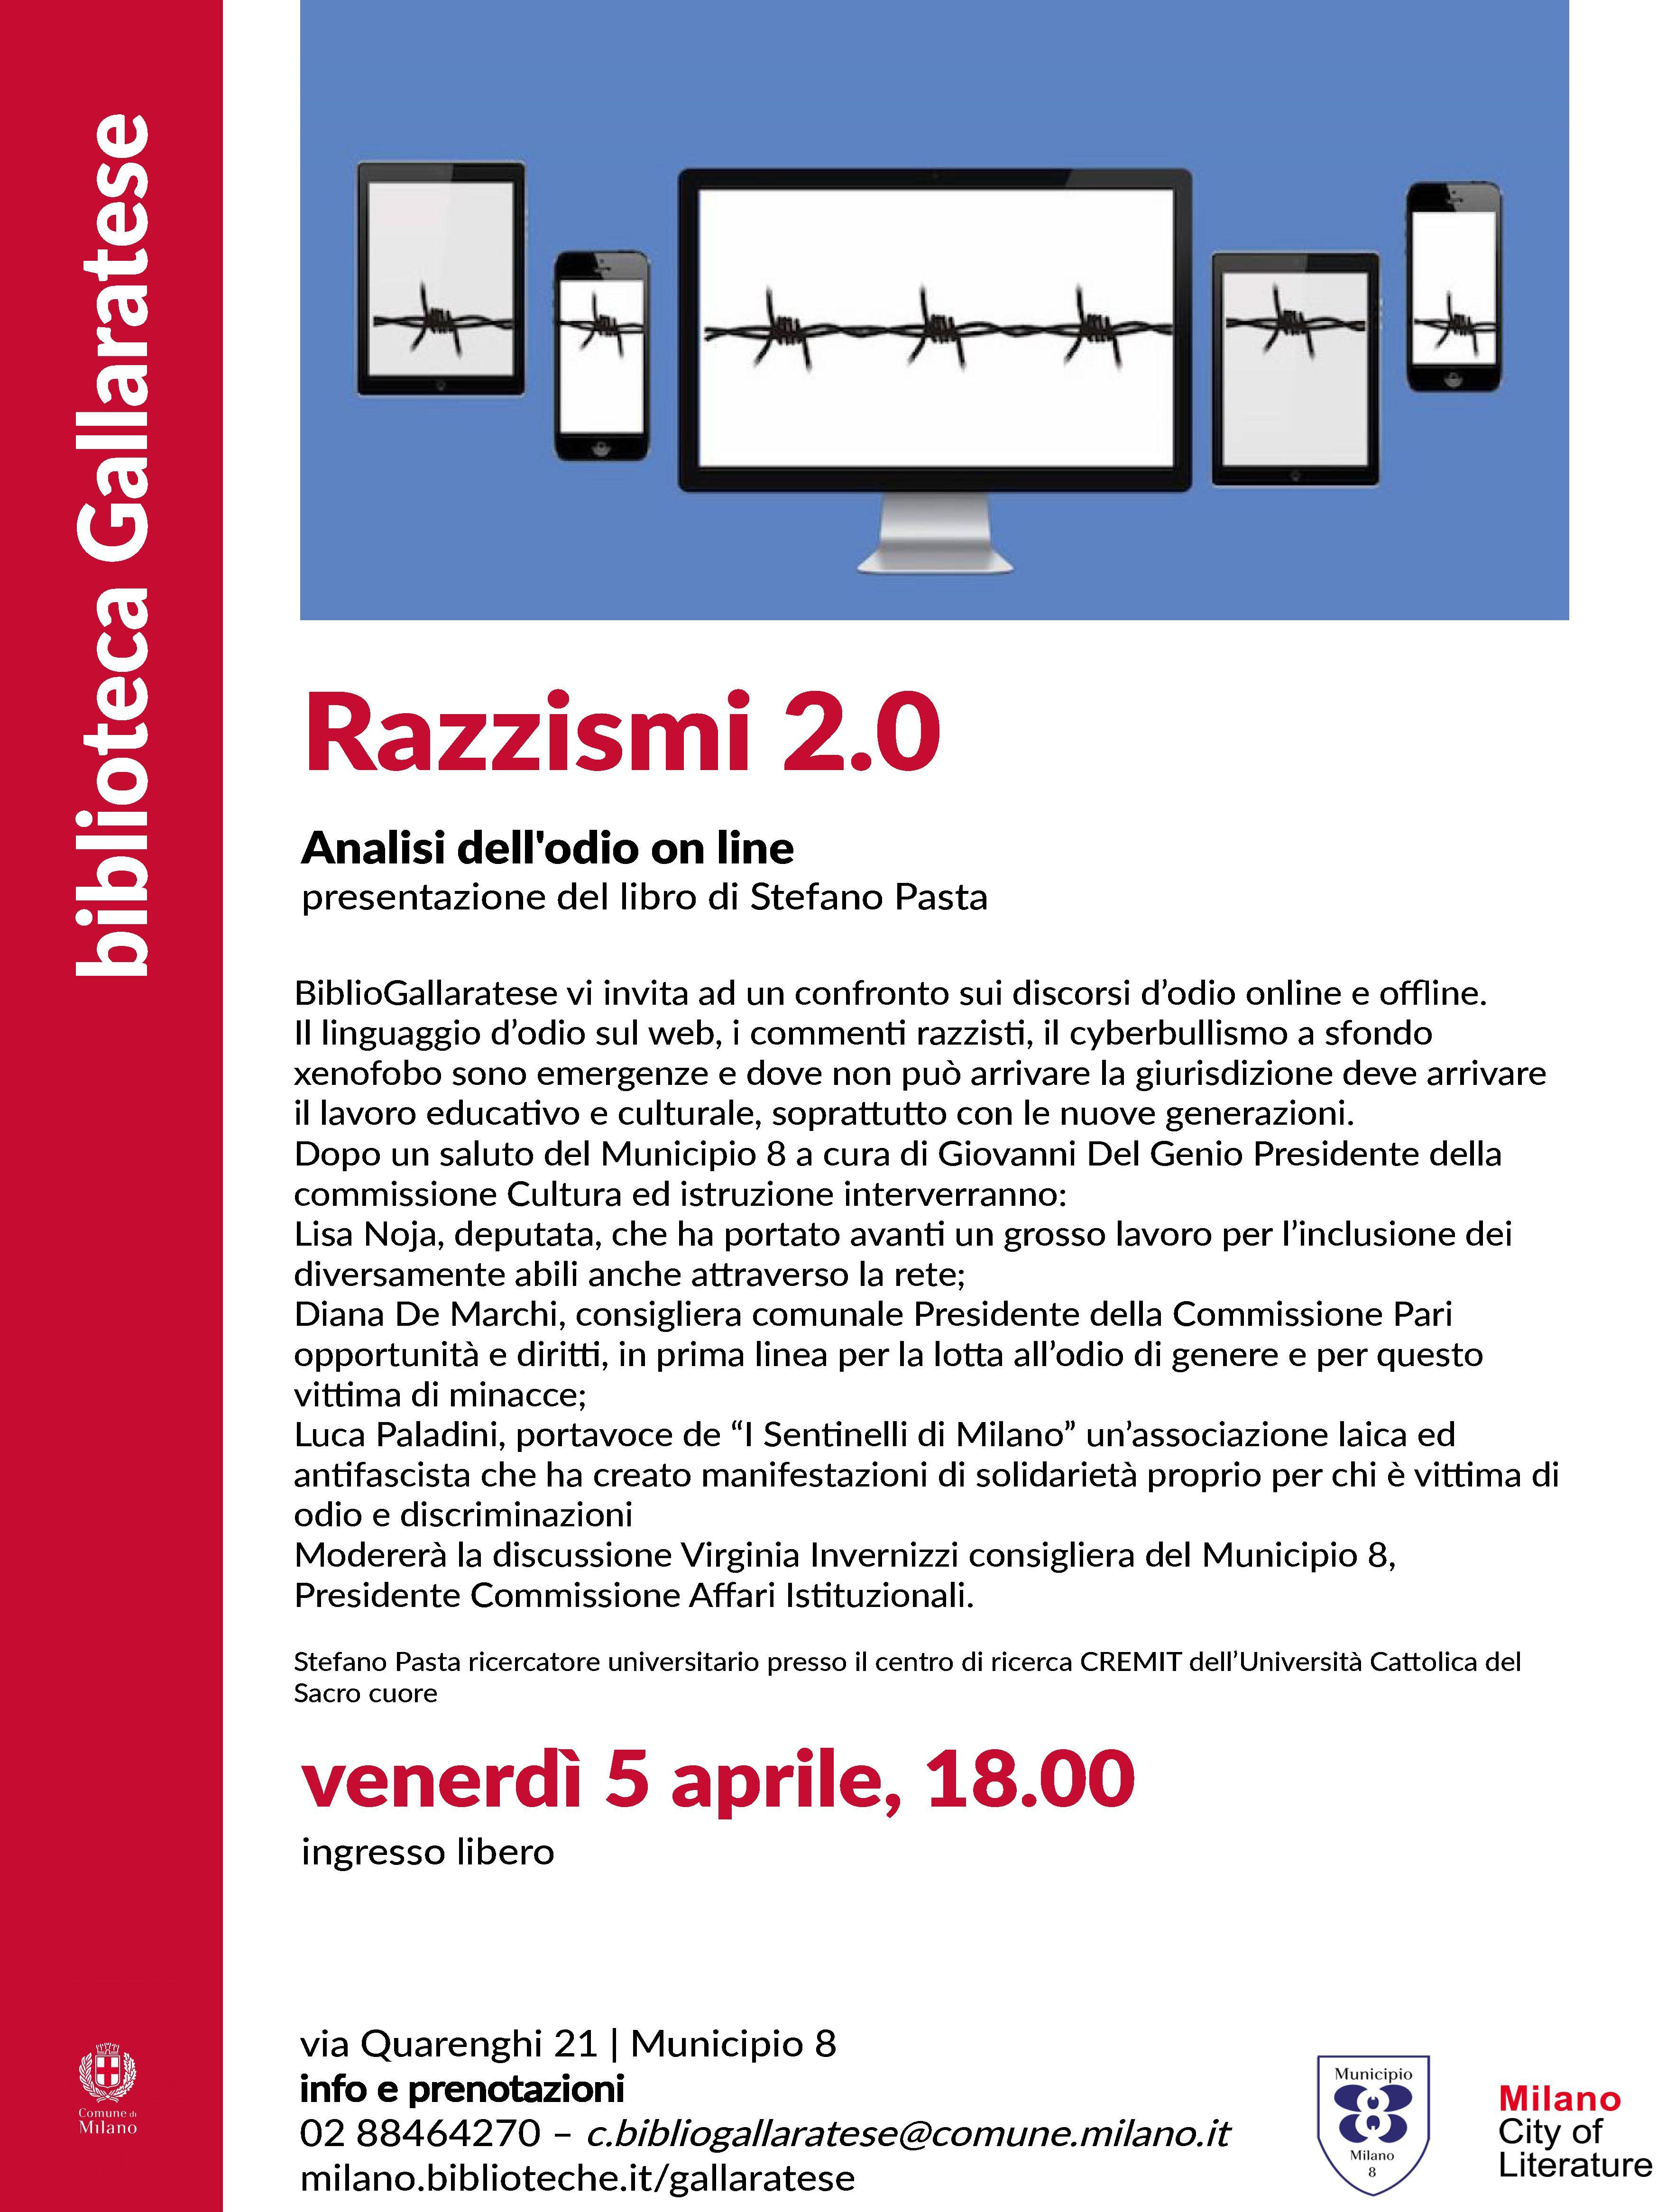 Presentazione Razzismi Milano 5 aprile.j